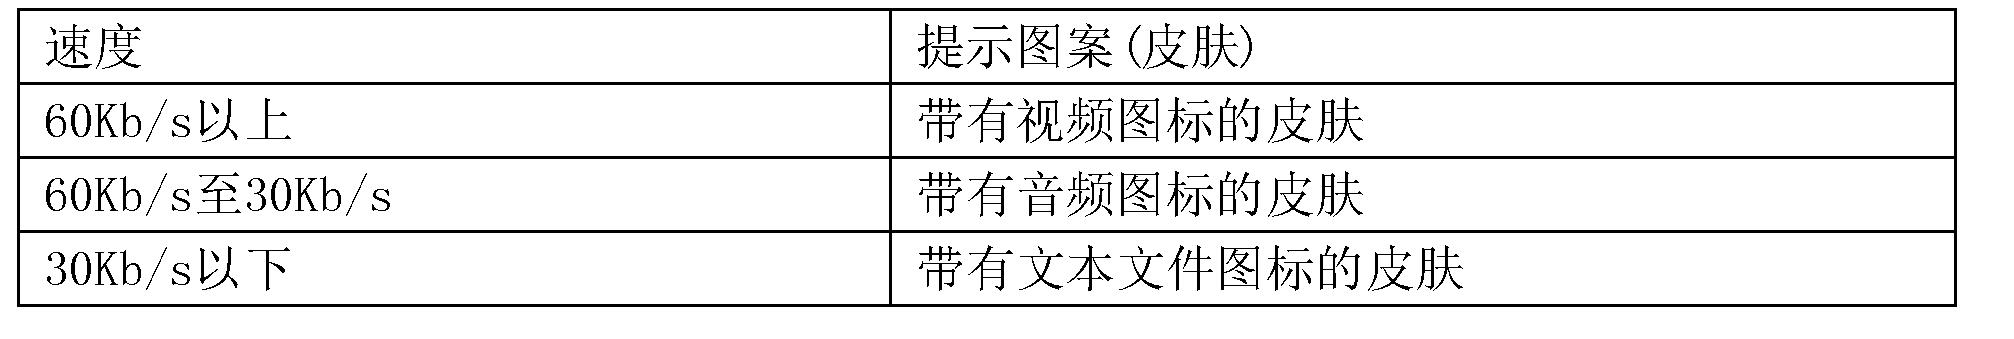 Figure CN103780741BD00053